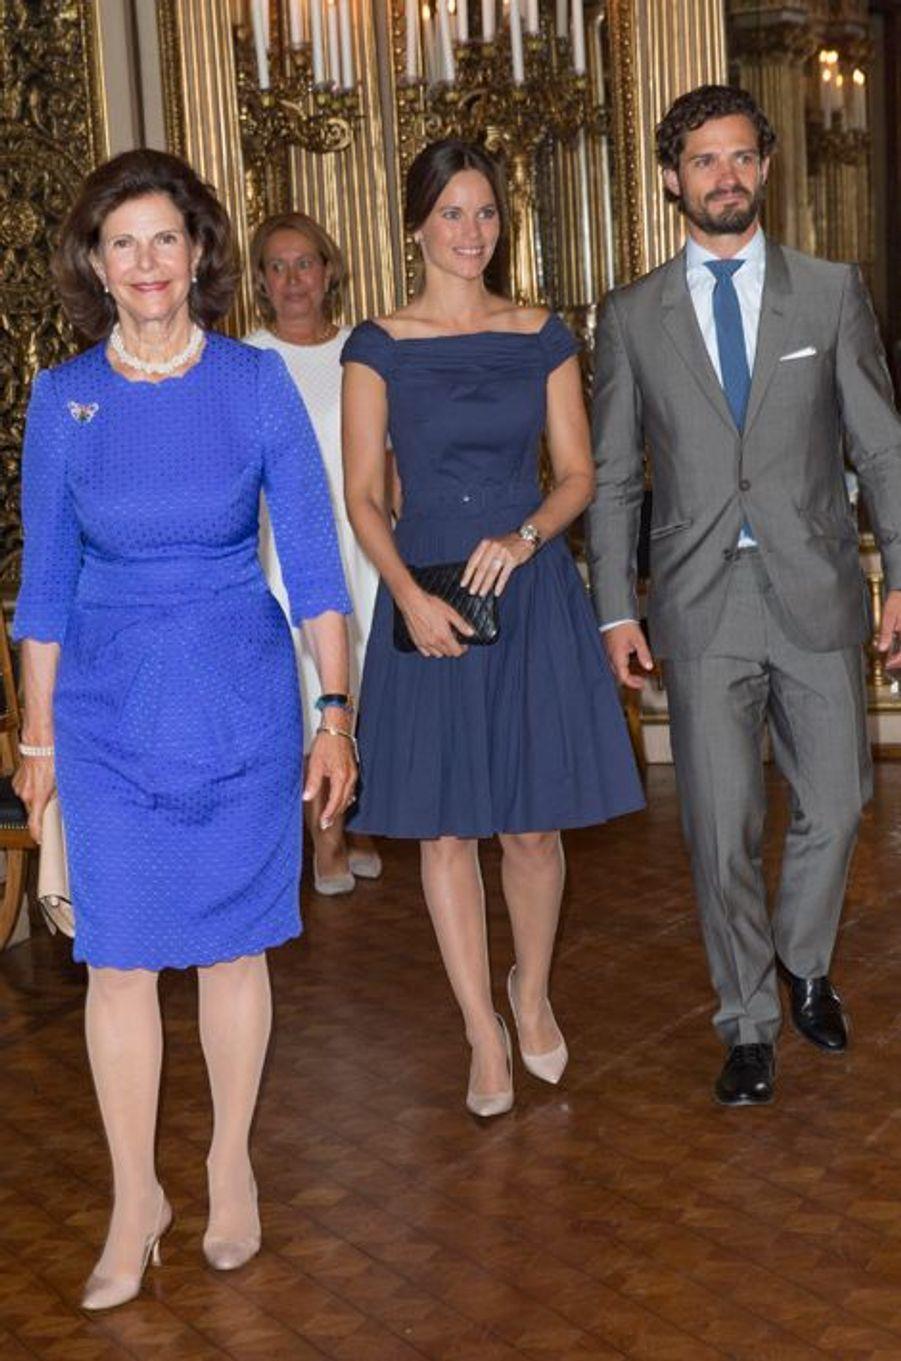 La reine Silvia, la princesse Sofia et le prince Carl Philip de Suède à Stockholm, le 29 août 2015